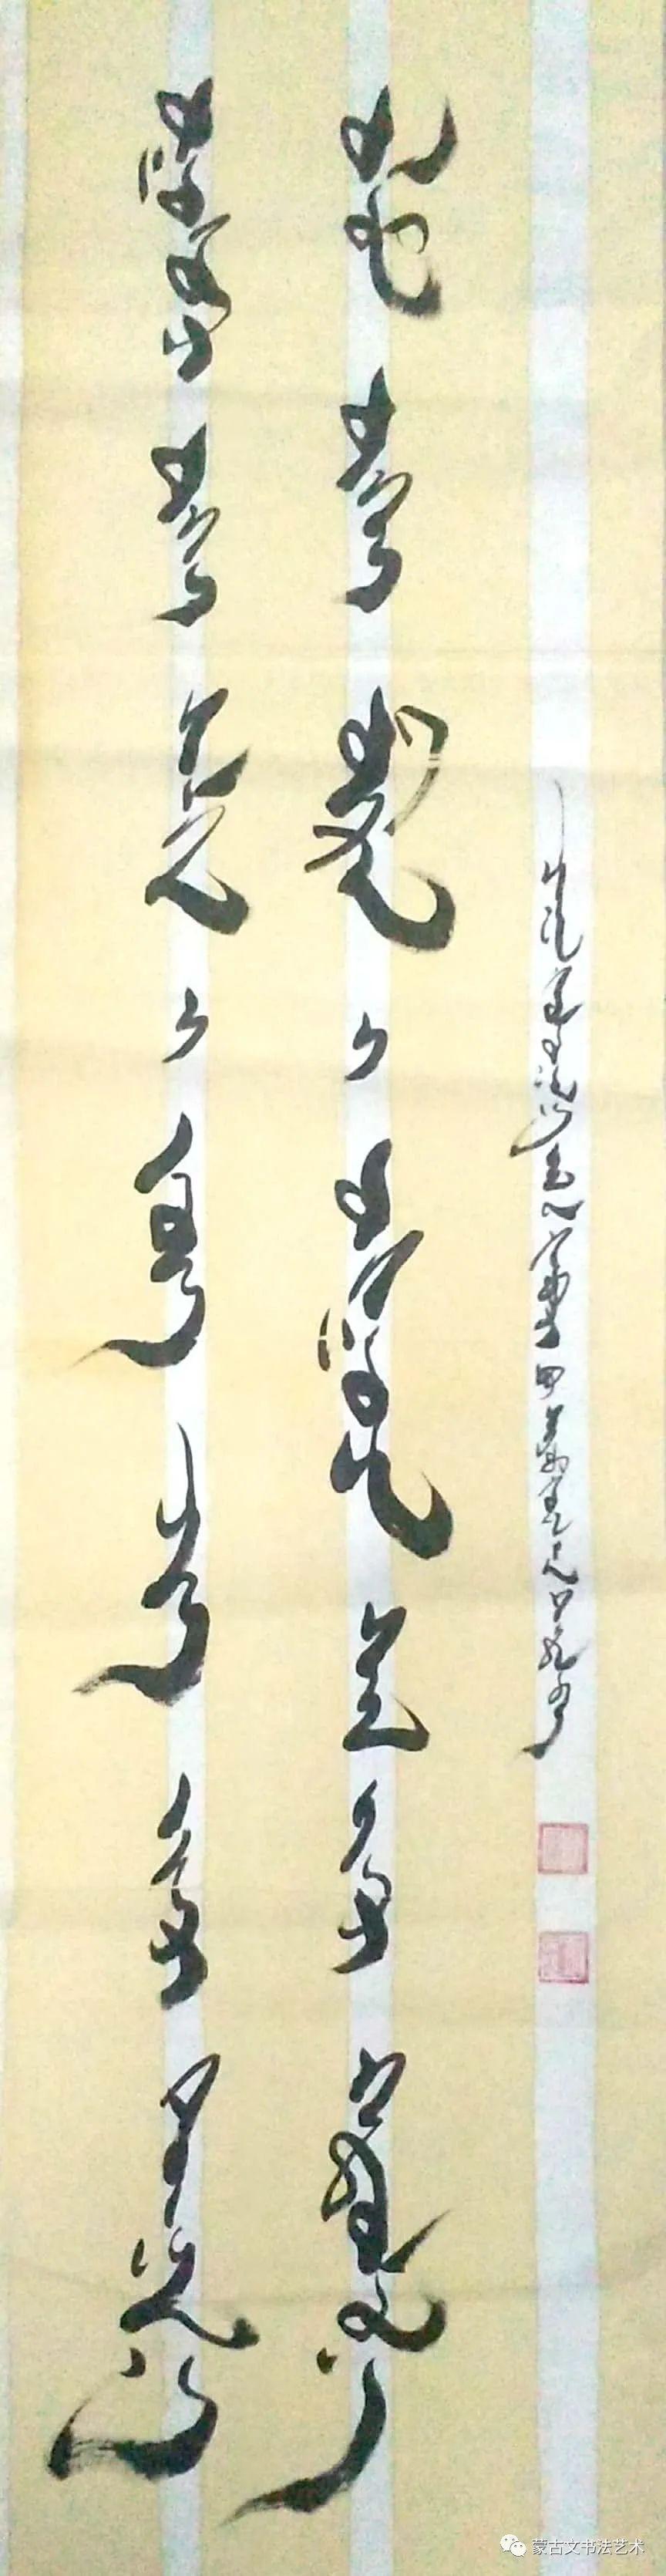 付晓花蒙古文书法 第8张 付晓花蒙古文书法 蒙古书法